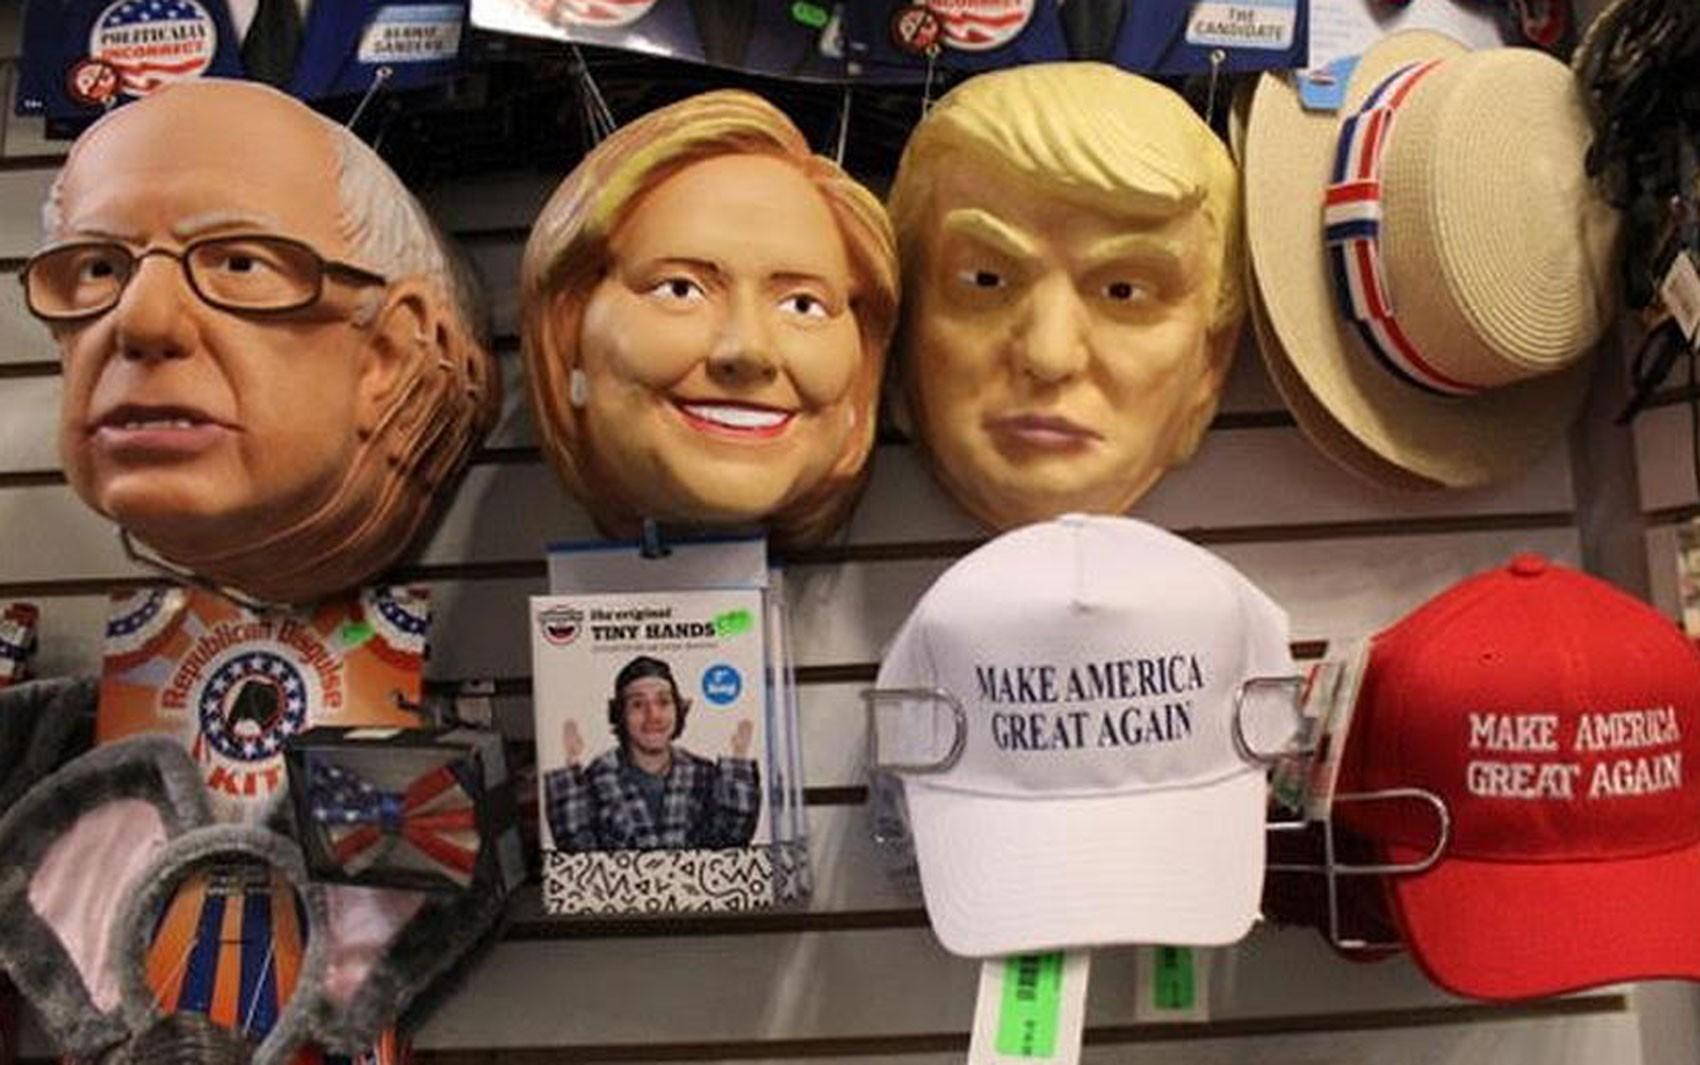 Em anos de eleição presidencial, o interesse é particularmente maior em máscaras de políticos (Foto: DW/M. Santos)